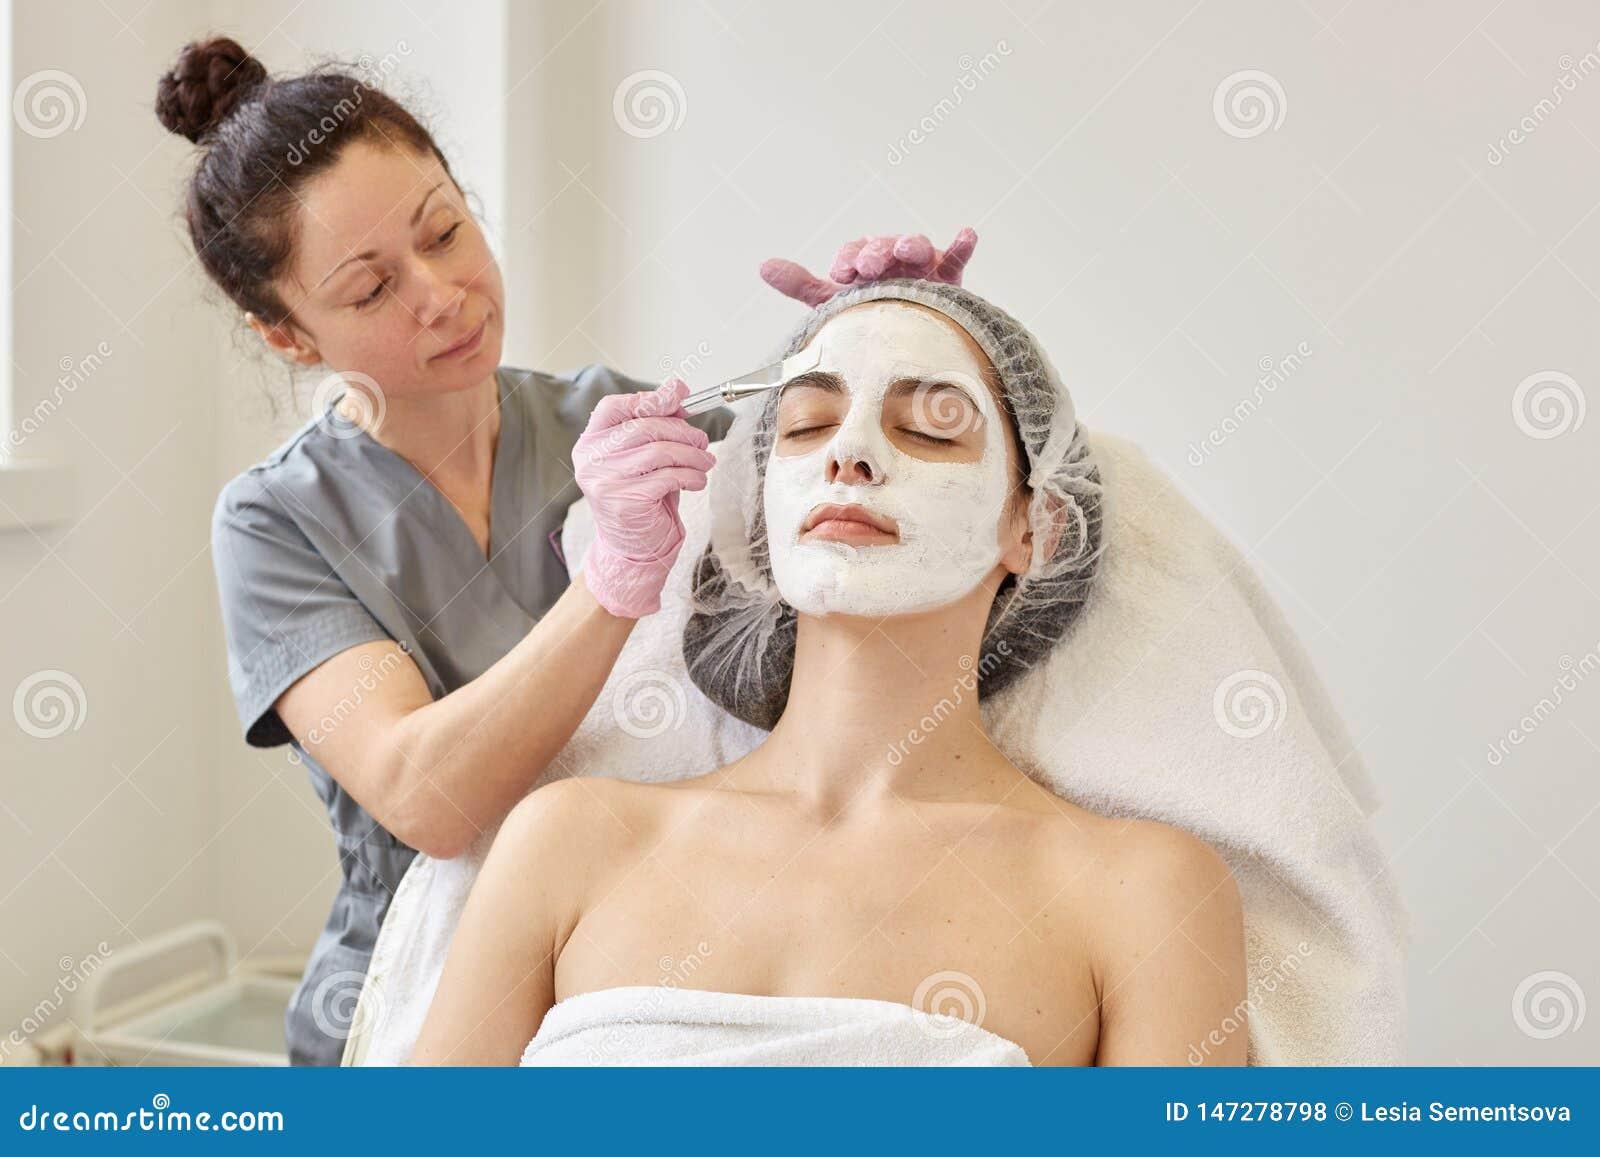 Косметическая процедура спа, концепция skincare Женщина получая лицевую заботу beautician на салоне спа, слезать стороны applays